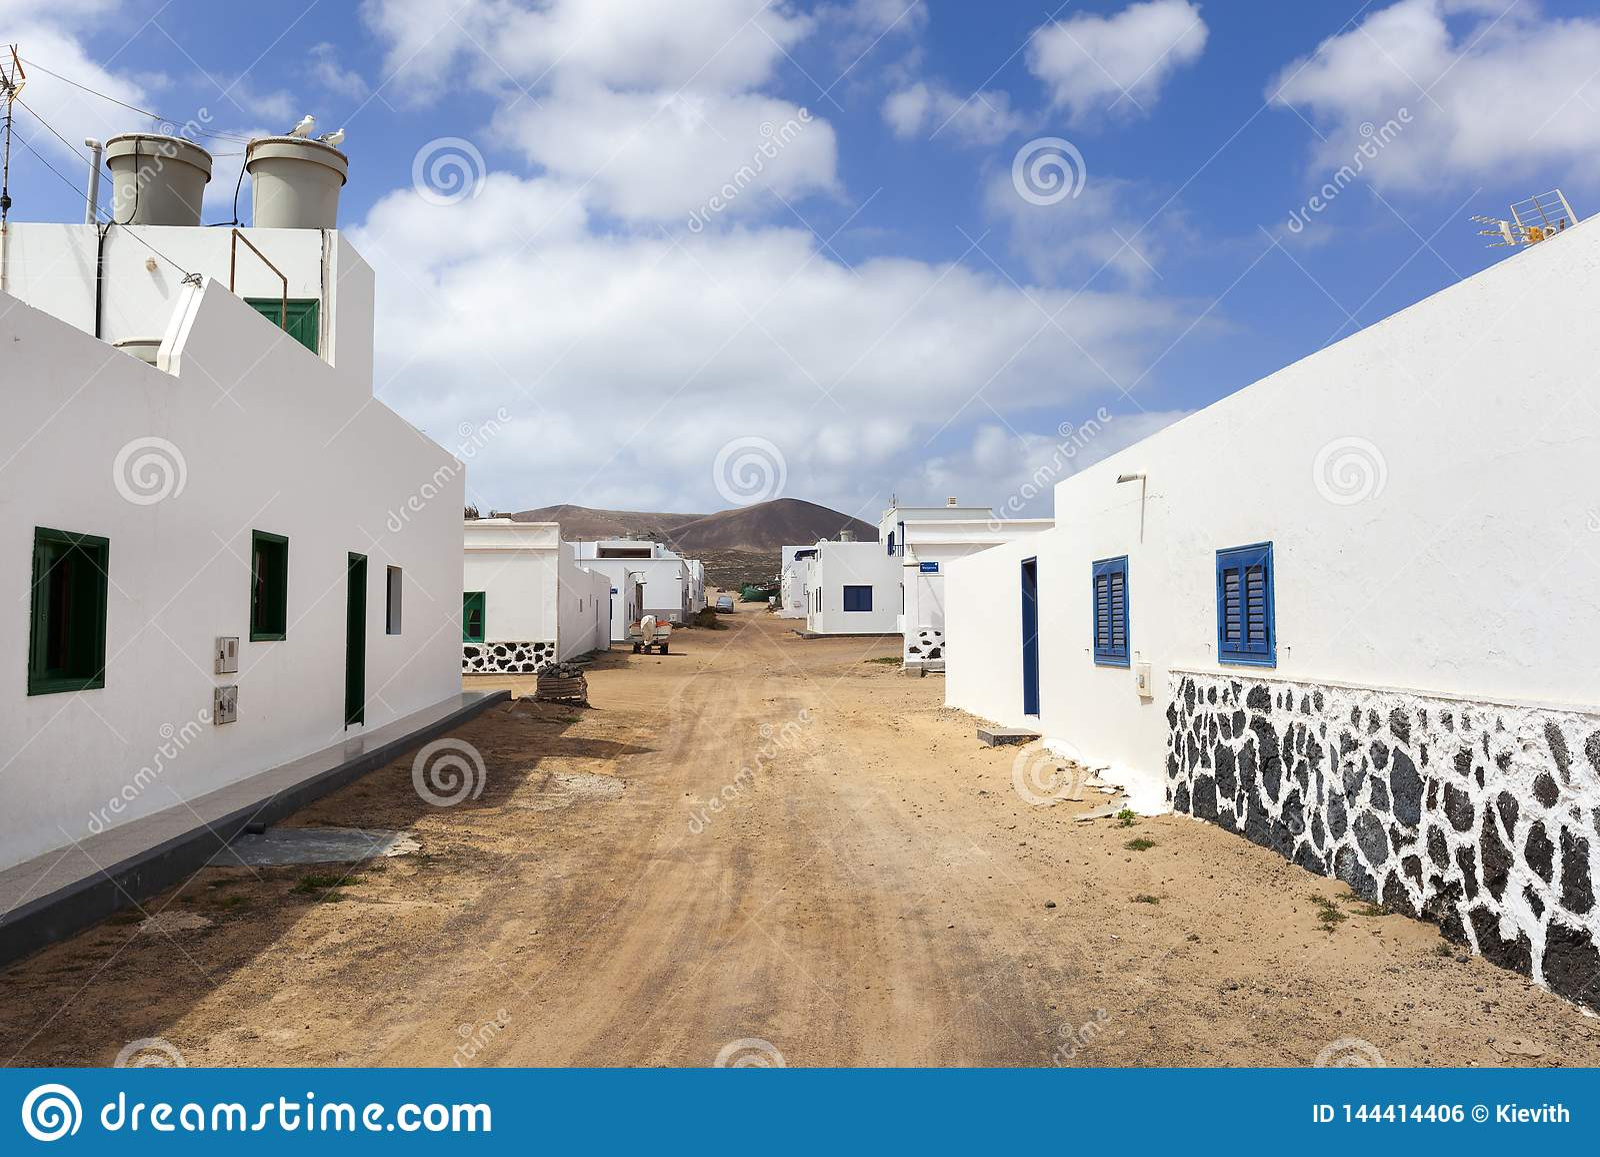 Calle vac?a con la arena y casas blancas en Caleta de Sebo en el La Graciosa de la isla